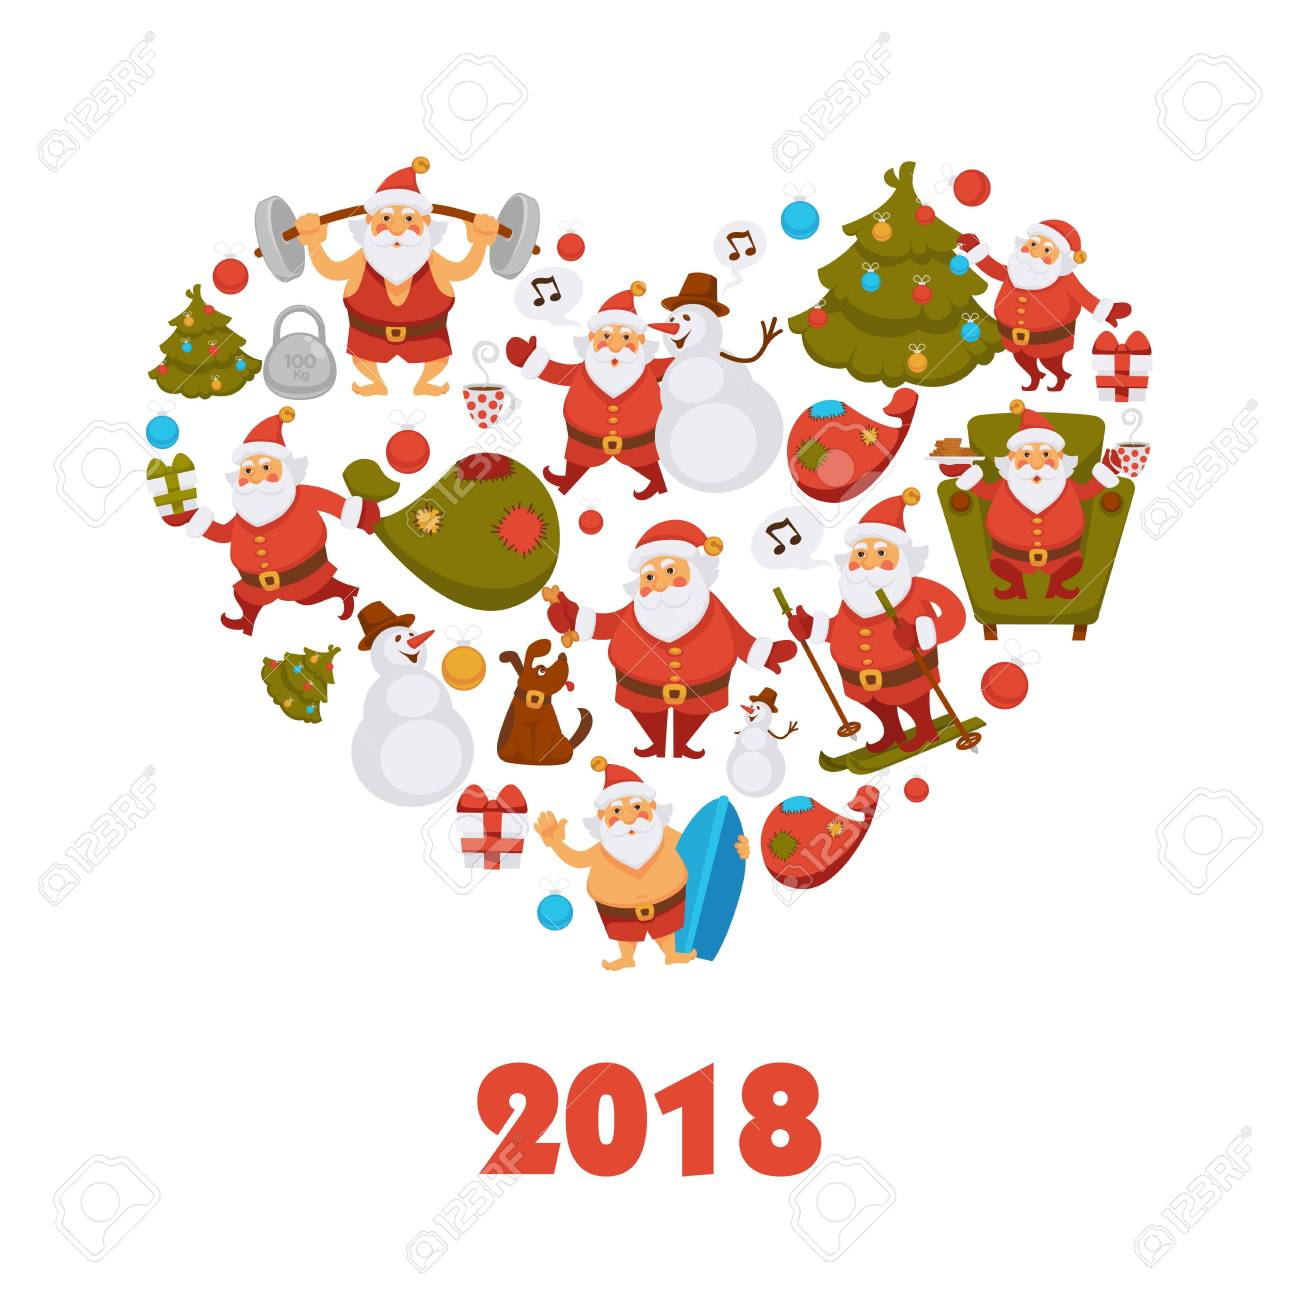 noel 2018 voeux Personnage De Dessin Animé De Santa New Year 2018 Célébrant La  noel 2018 voeux